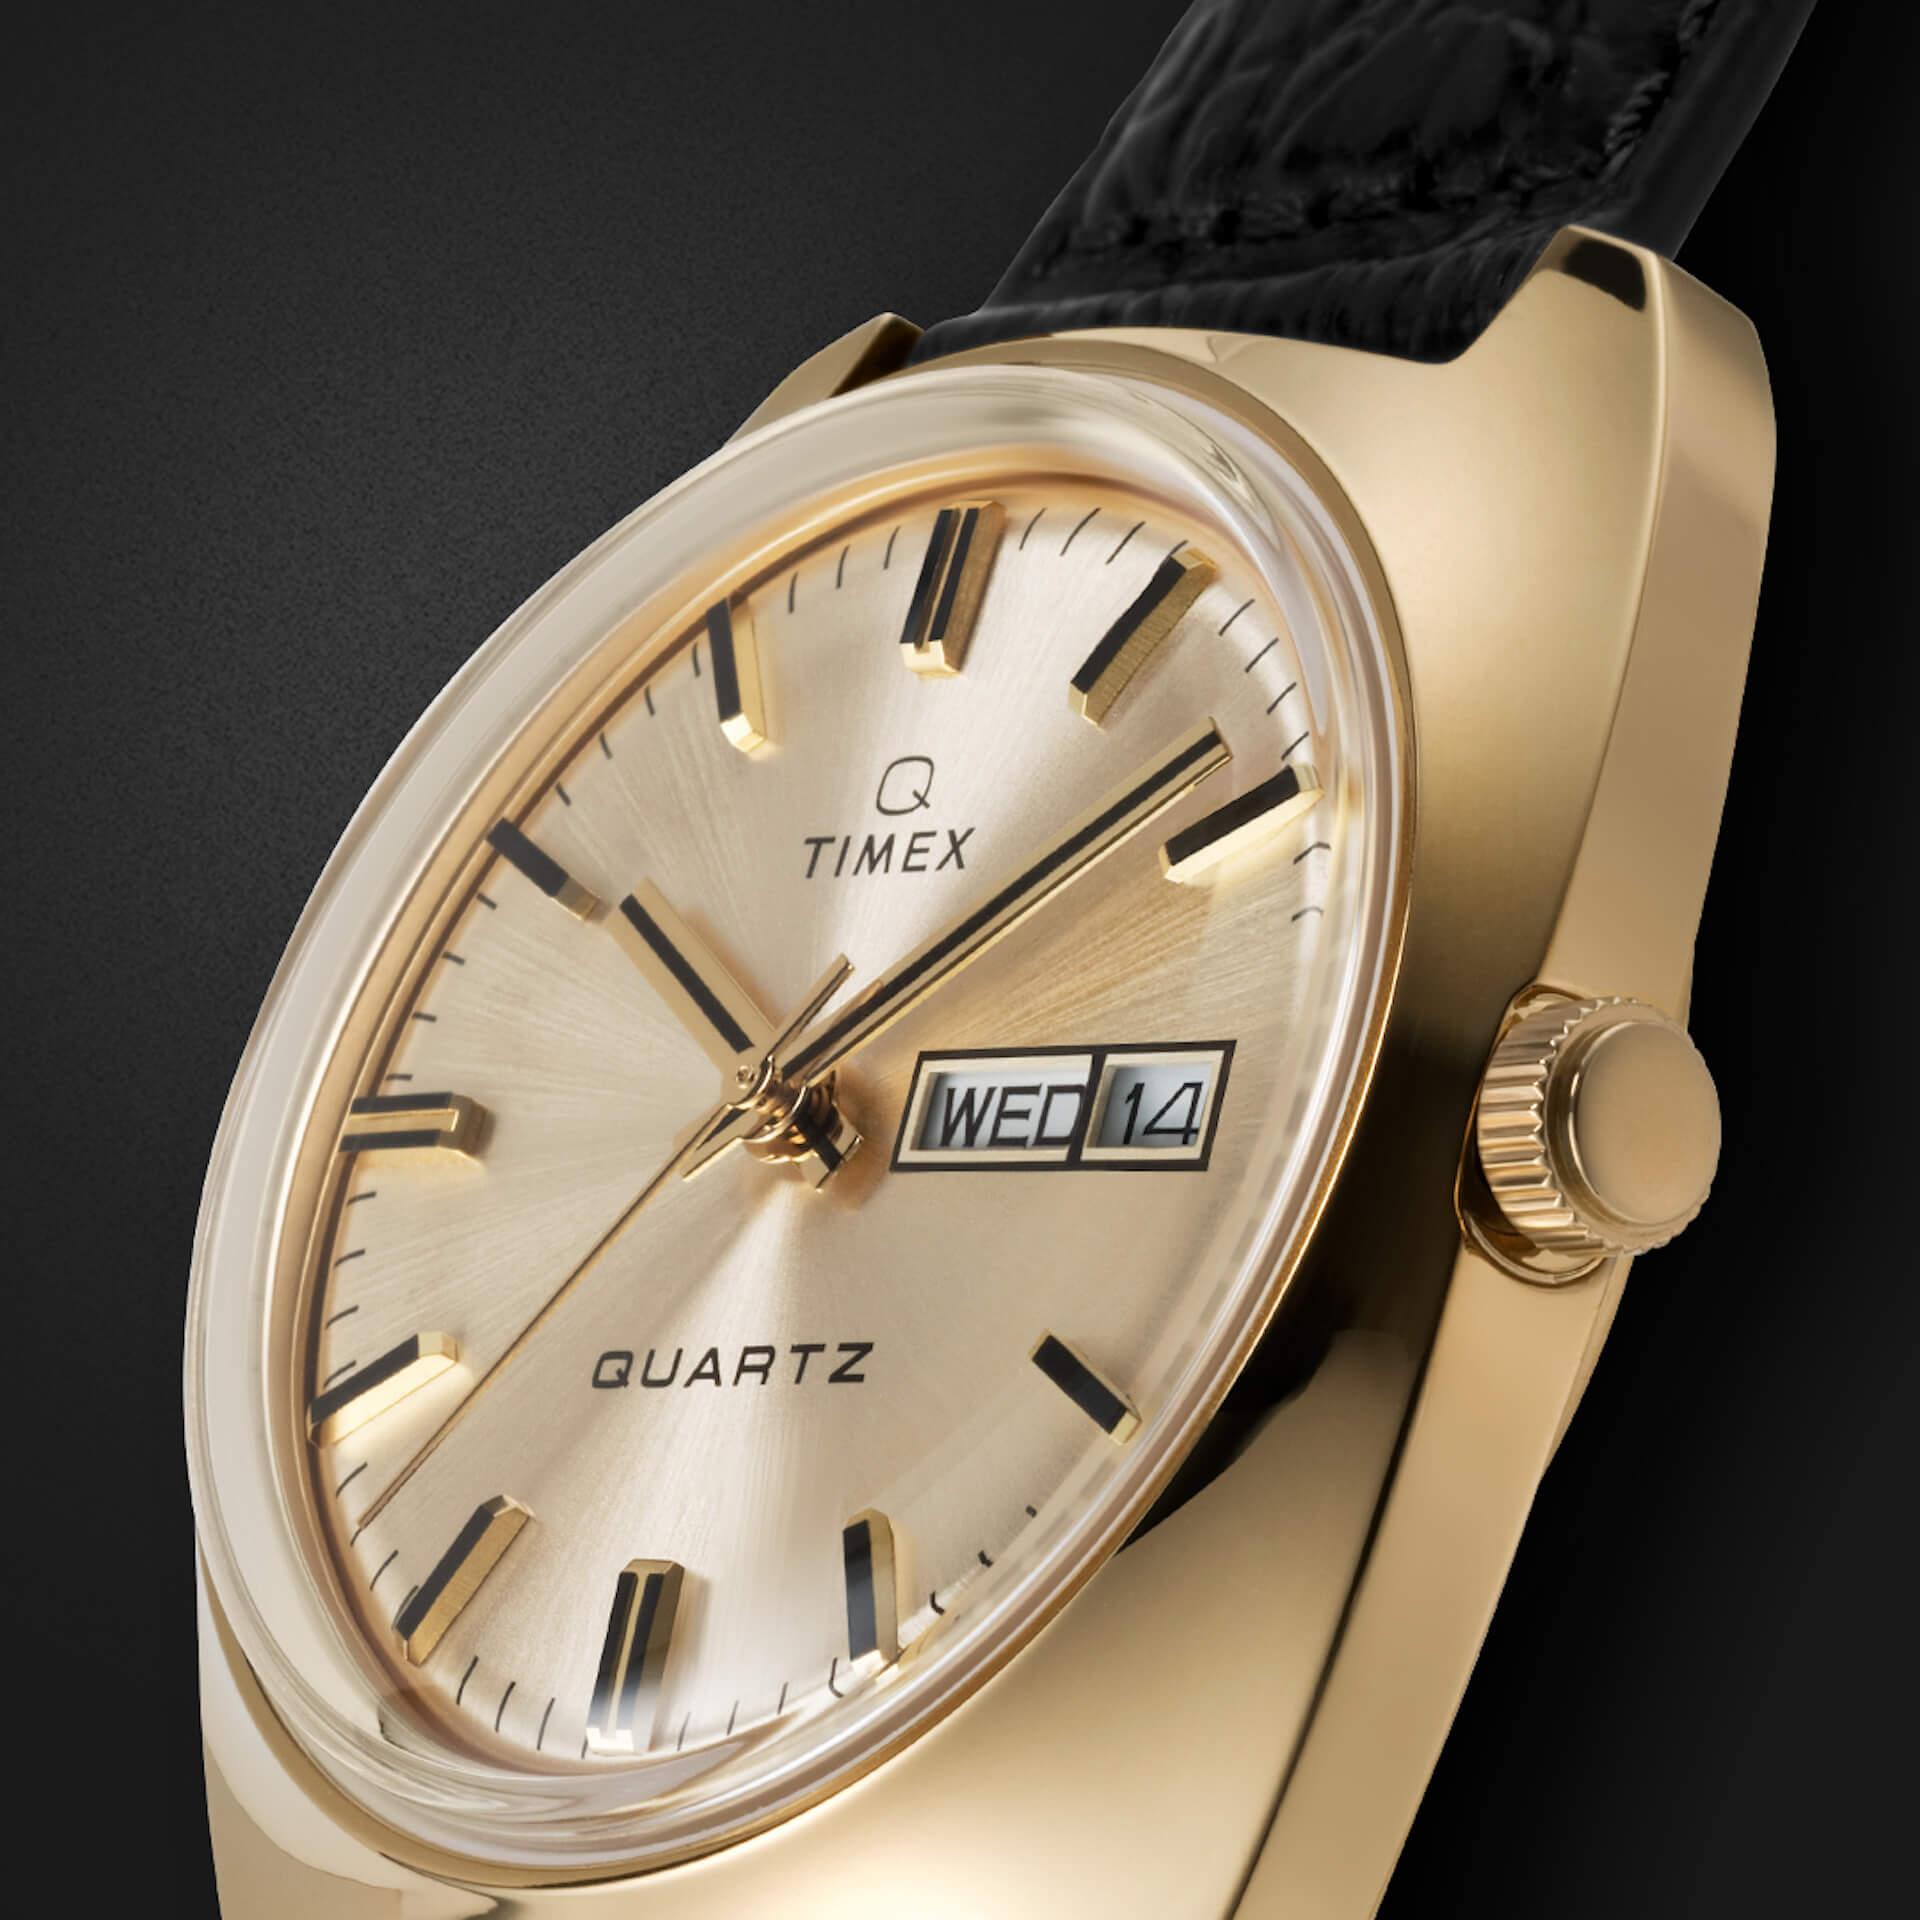 『Q TIMEX』を復刻したゴージャスなモデル『Marmont』が発売決定!本日予約受付開始 life210525_qtimex_3